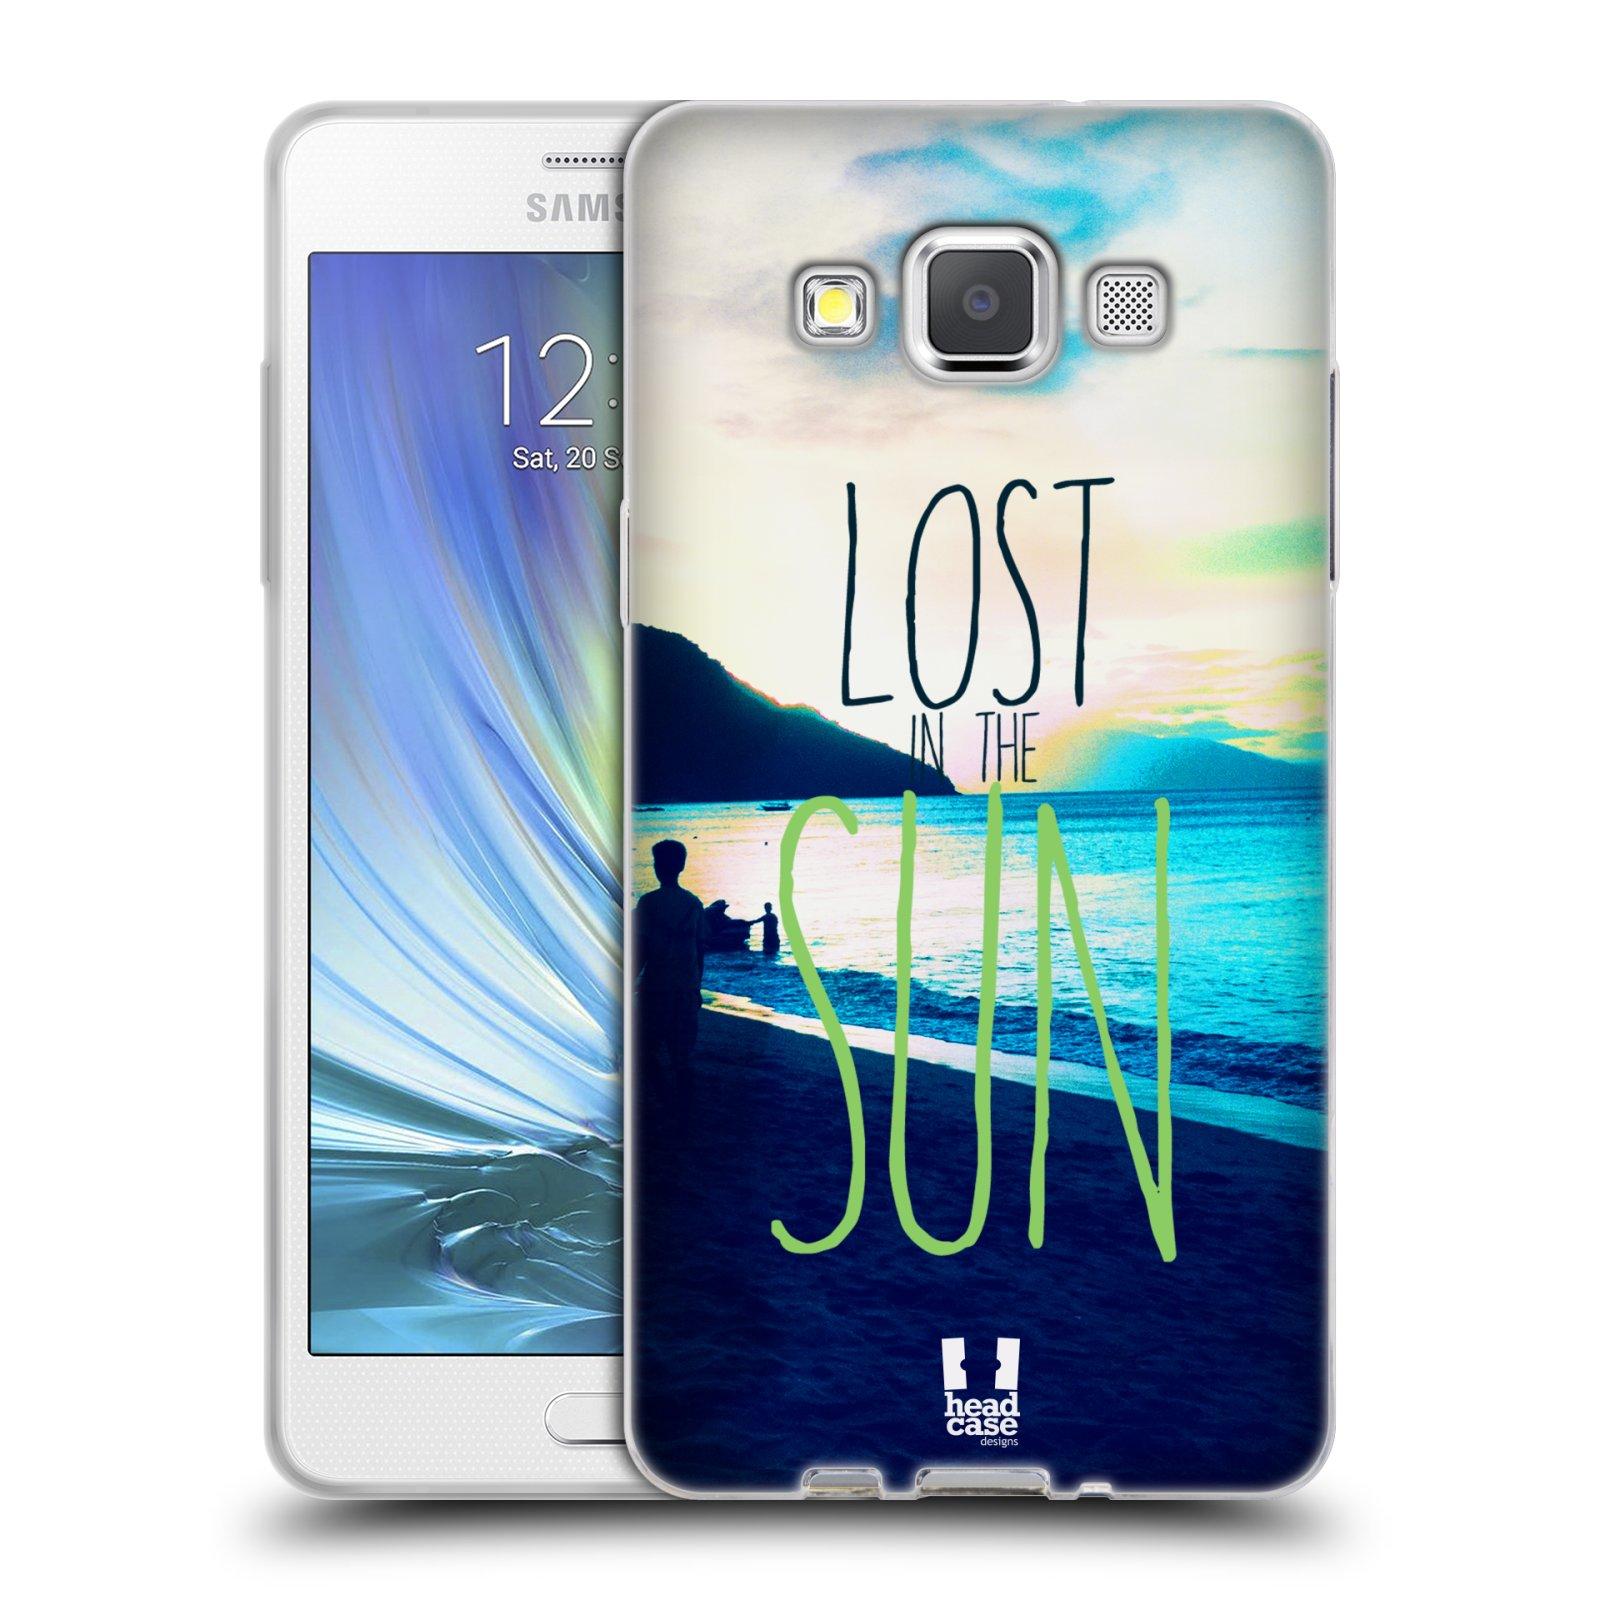 HEAD CASE silikonový obal na mobil Samsung Galaxy A5 vzor Pozitivní vlny MODRÁ, moře, slunce a pláž LOST IN THE SUN